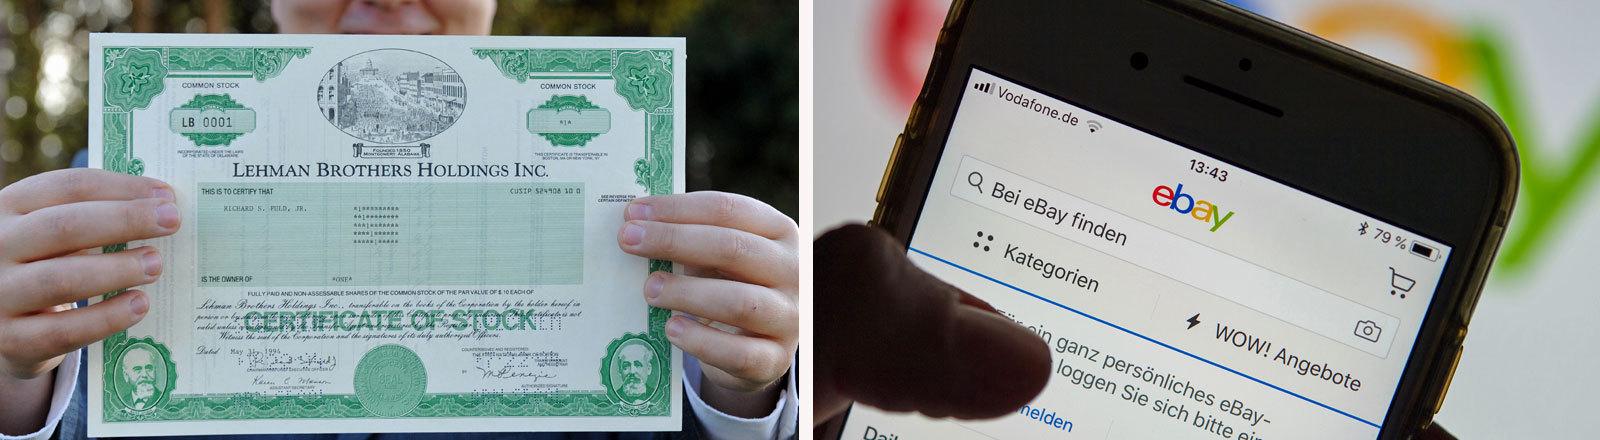 Lehman Brothers Aktie und ein Smartphonebildschirm, auf dem Ebay aufgerufen wird.